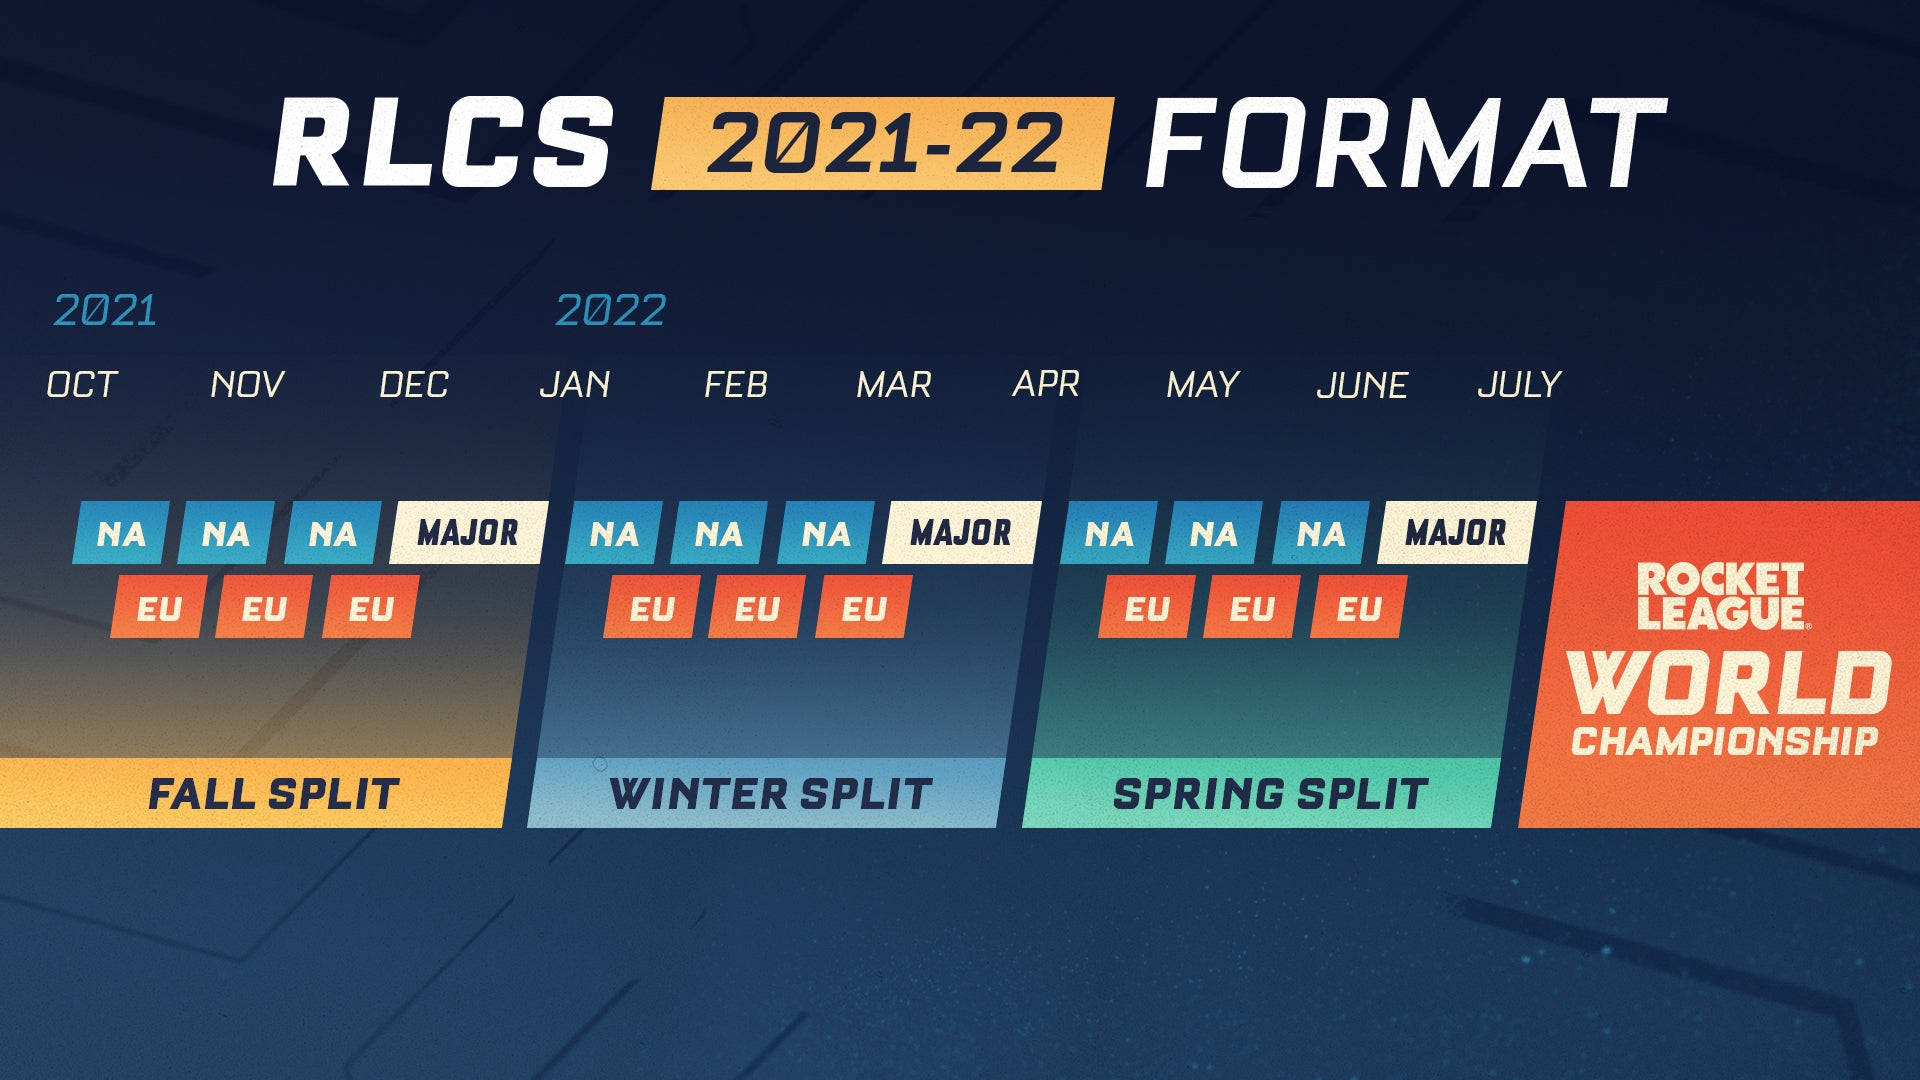 RLCS 2021-22 Format